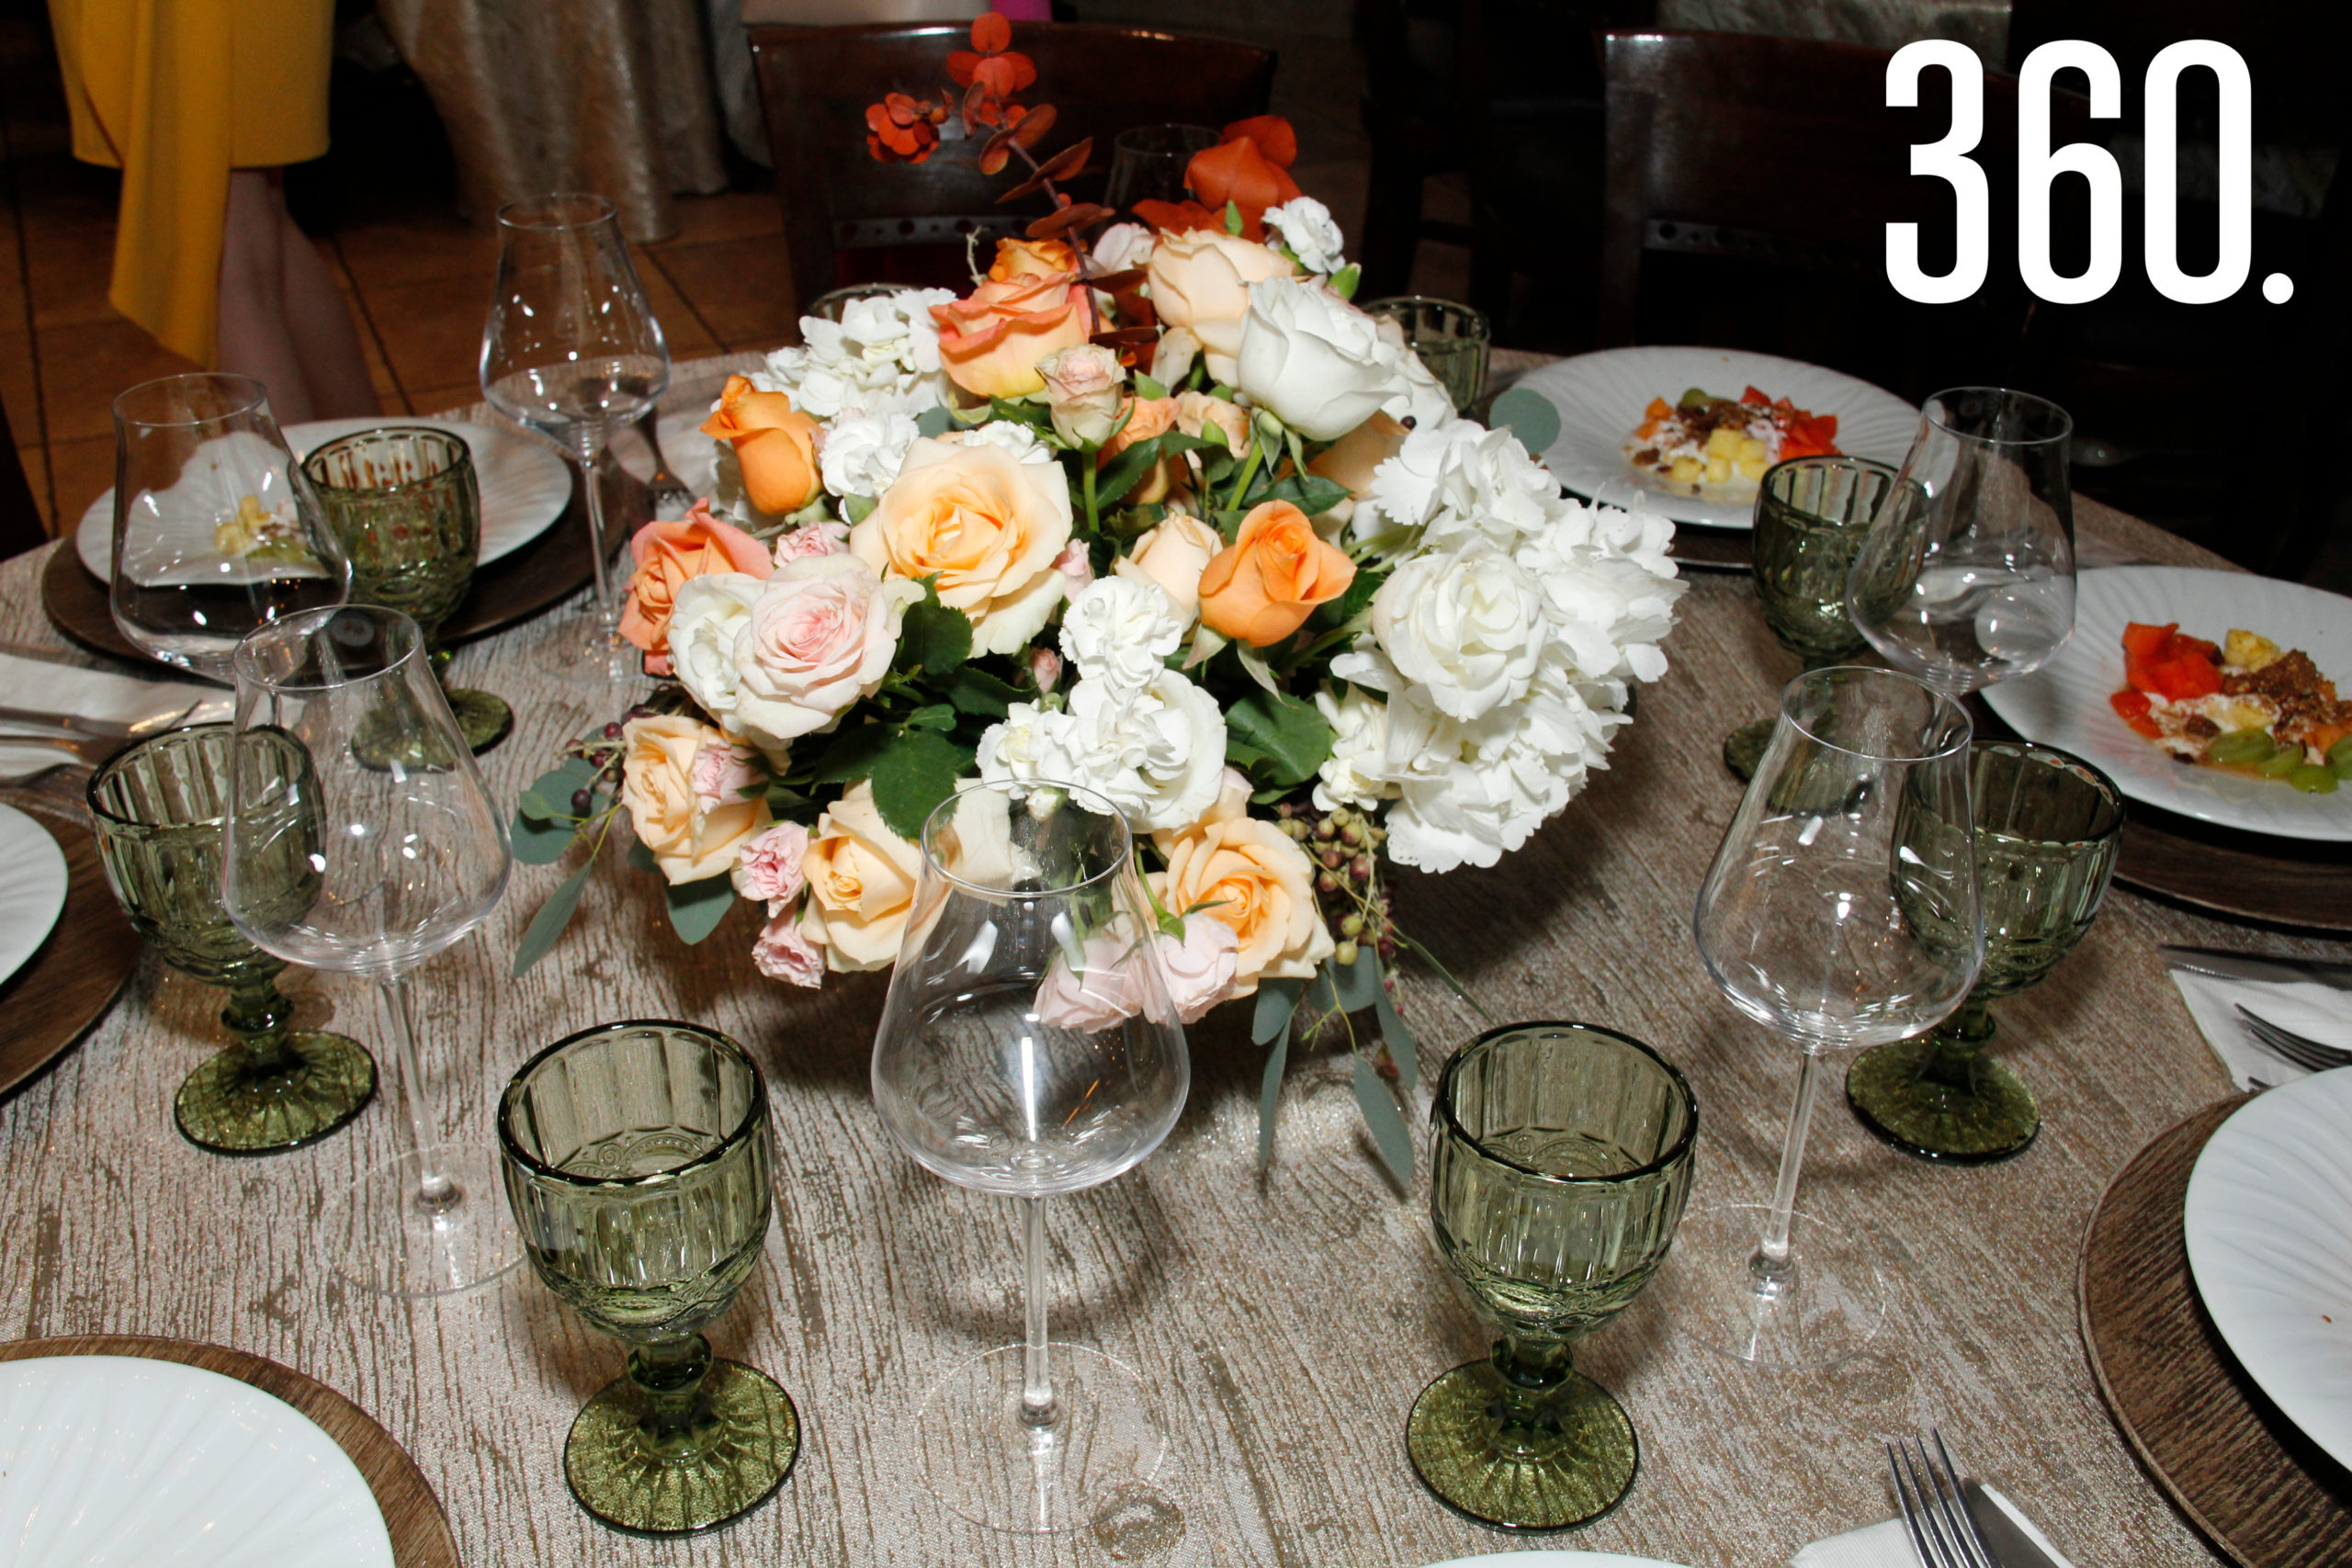 Arreglos florales en las mesas.